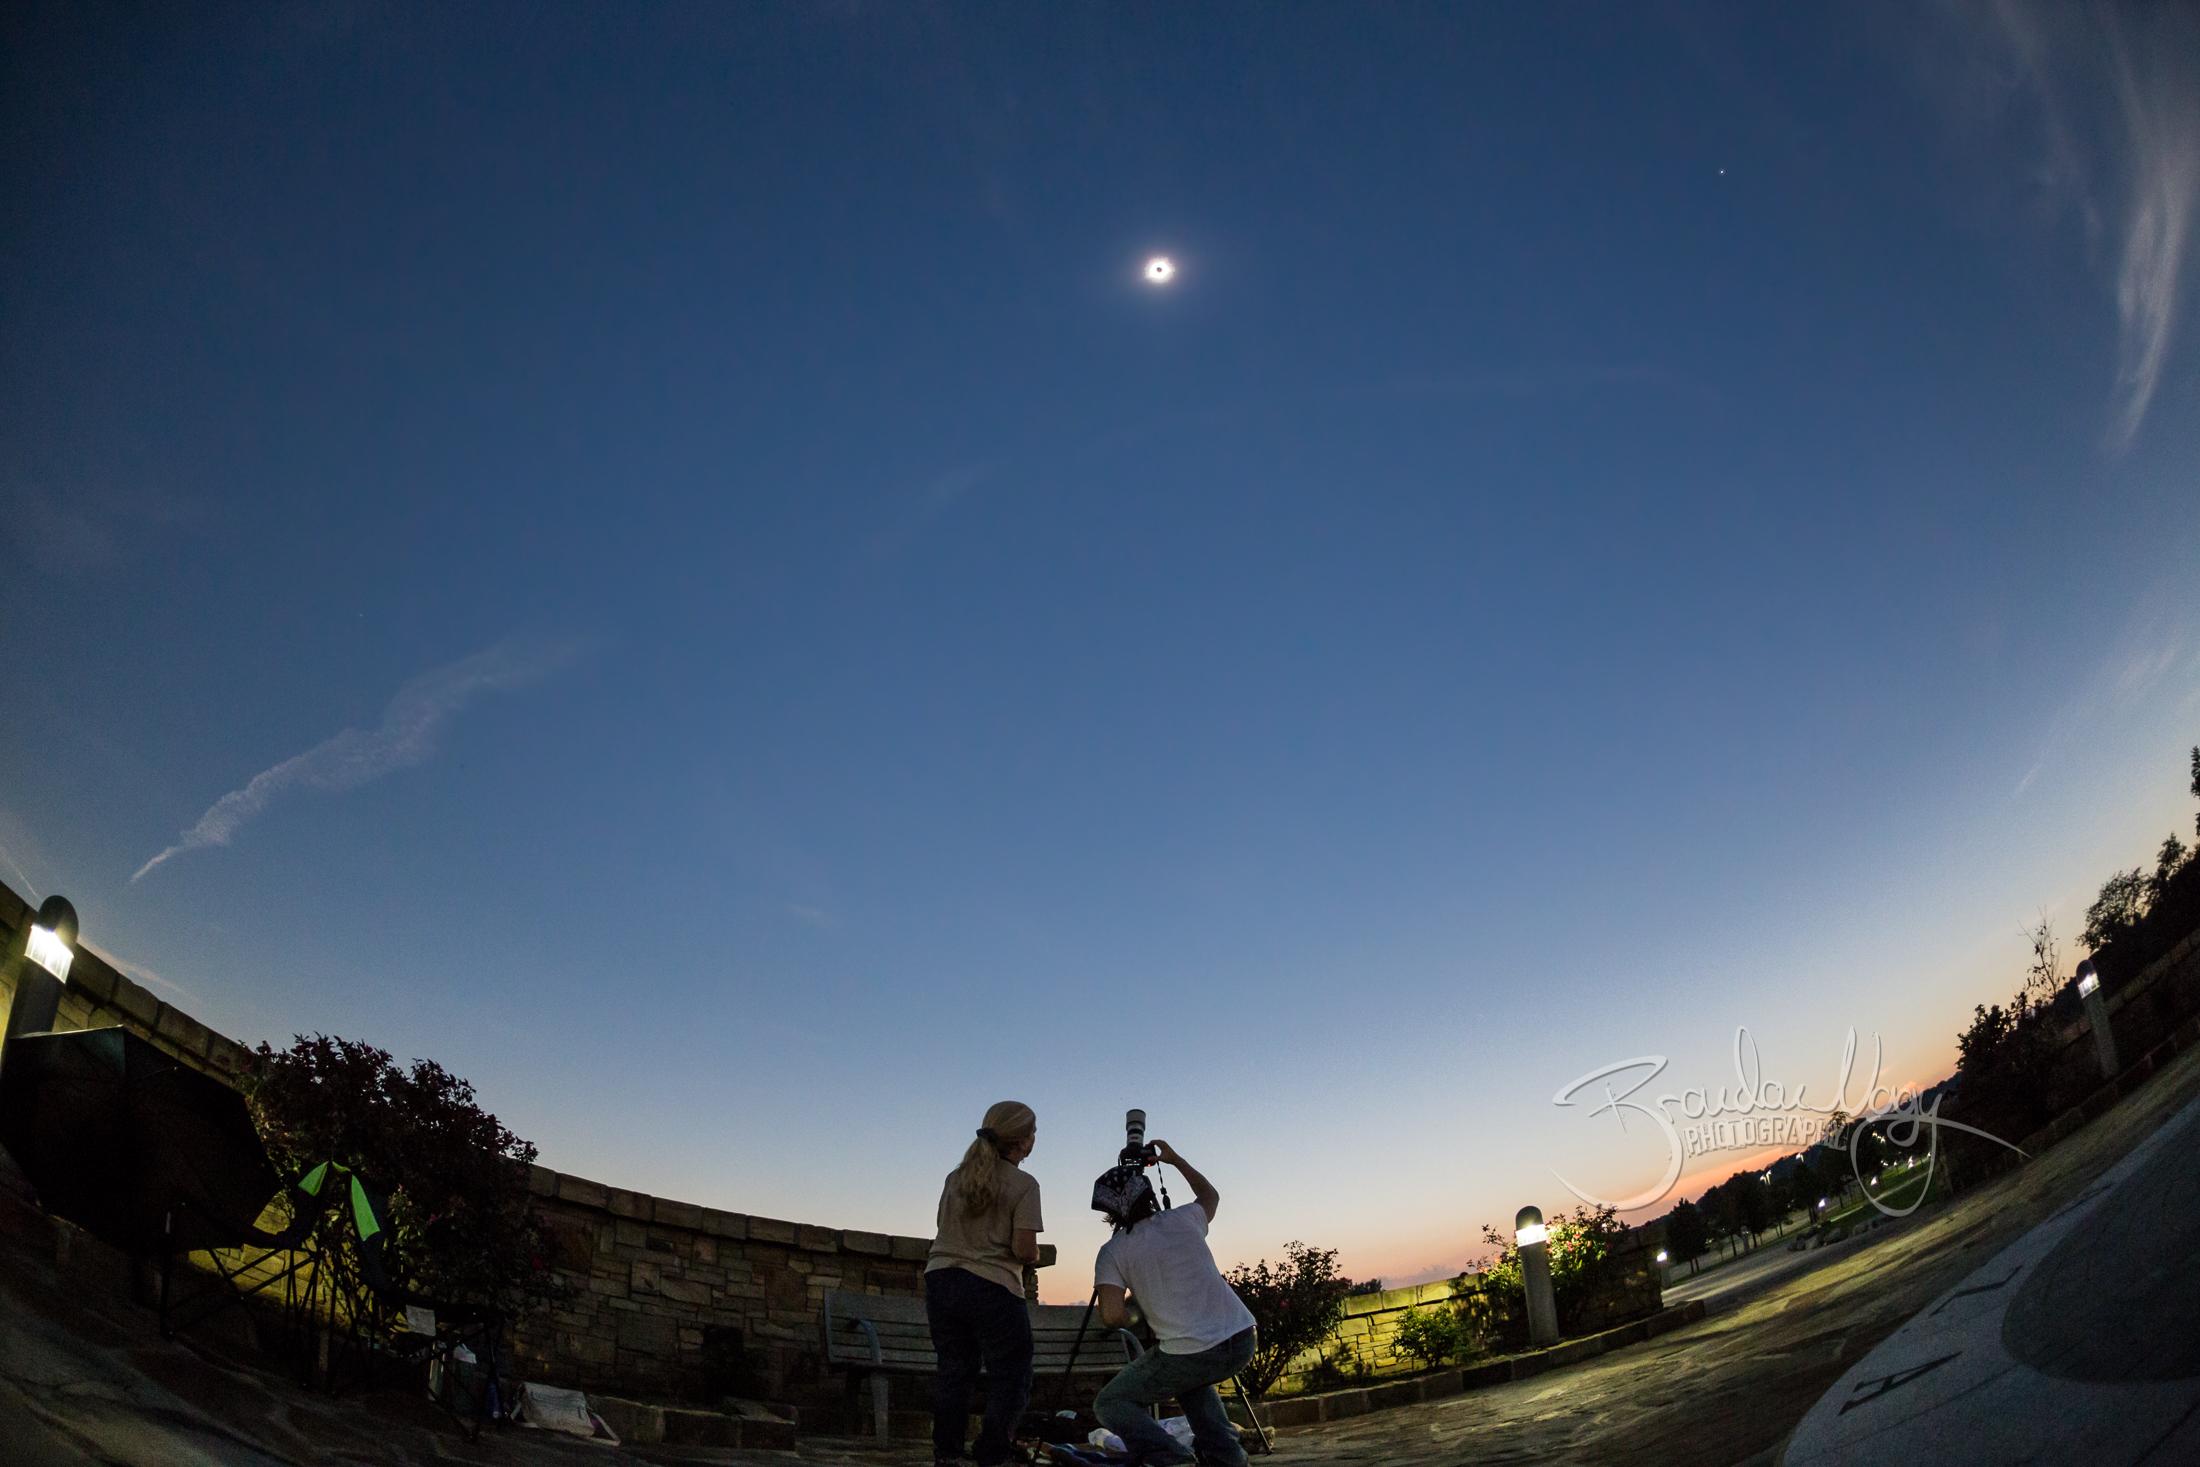 North American Solar Eclipse | 2017.08.21